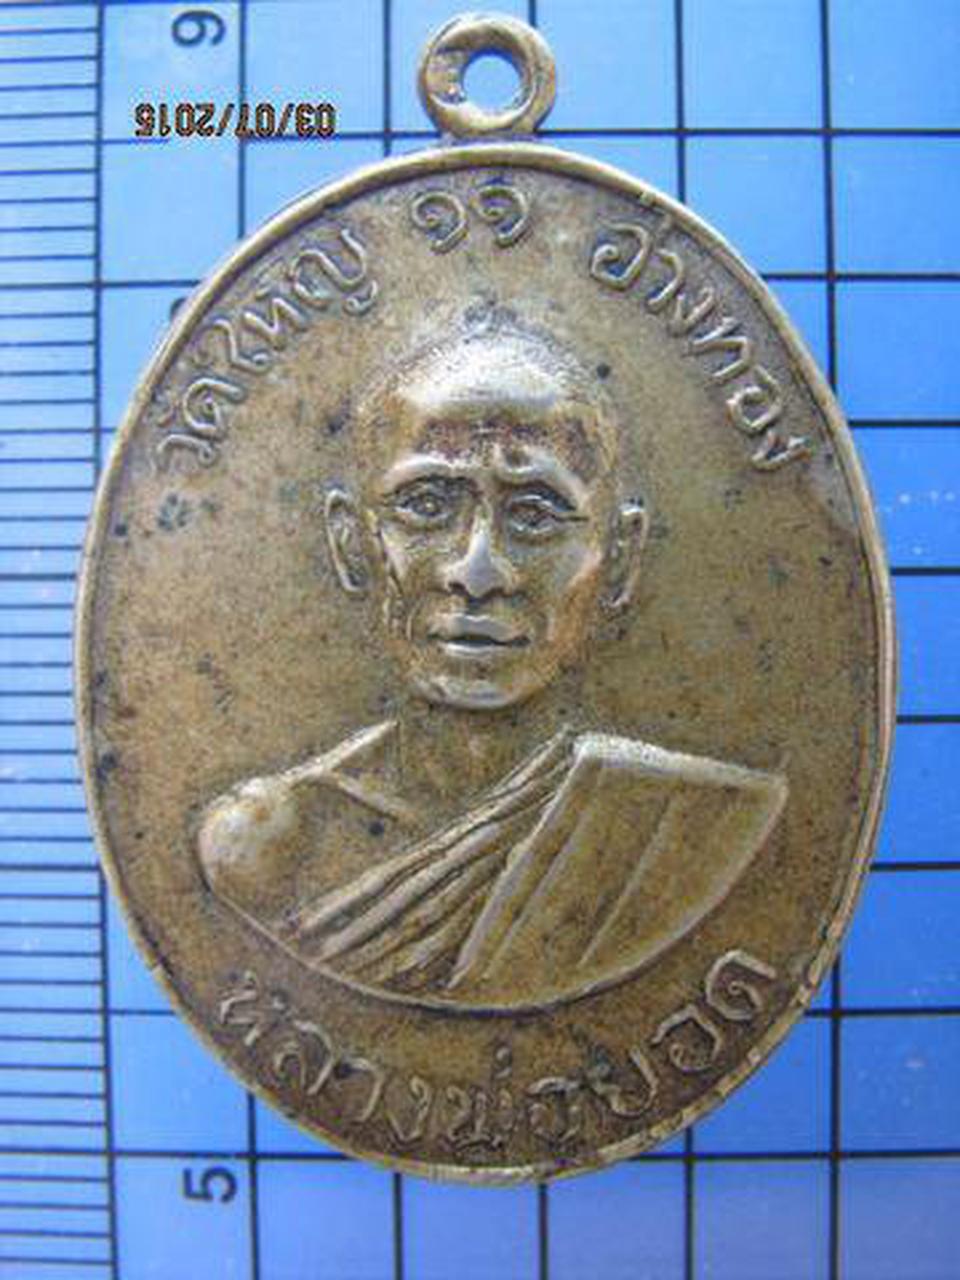 2387 เหรียญหลวงพ่อยอด วัดใหญ่ ปี 2511 เนื้ออาปาก้า จ.อ่างทอง รูปที่ 2